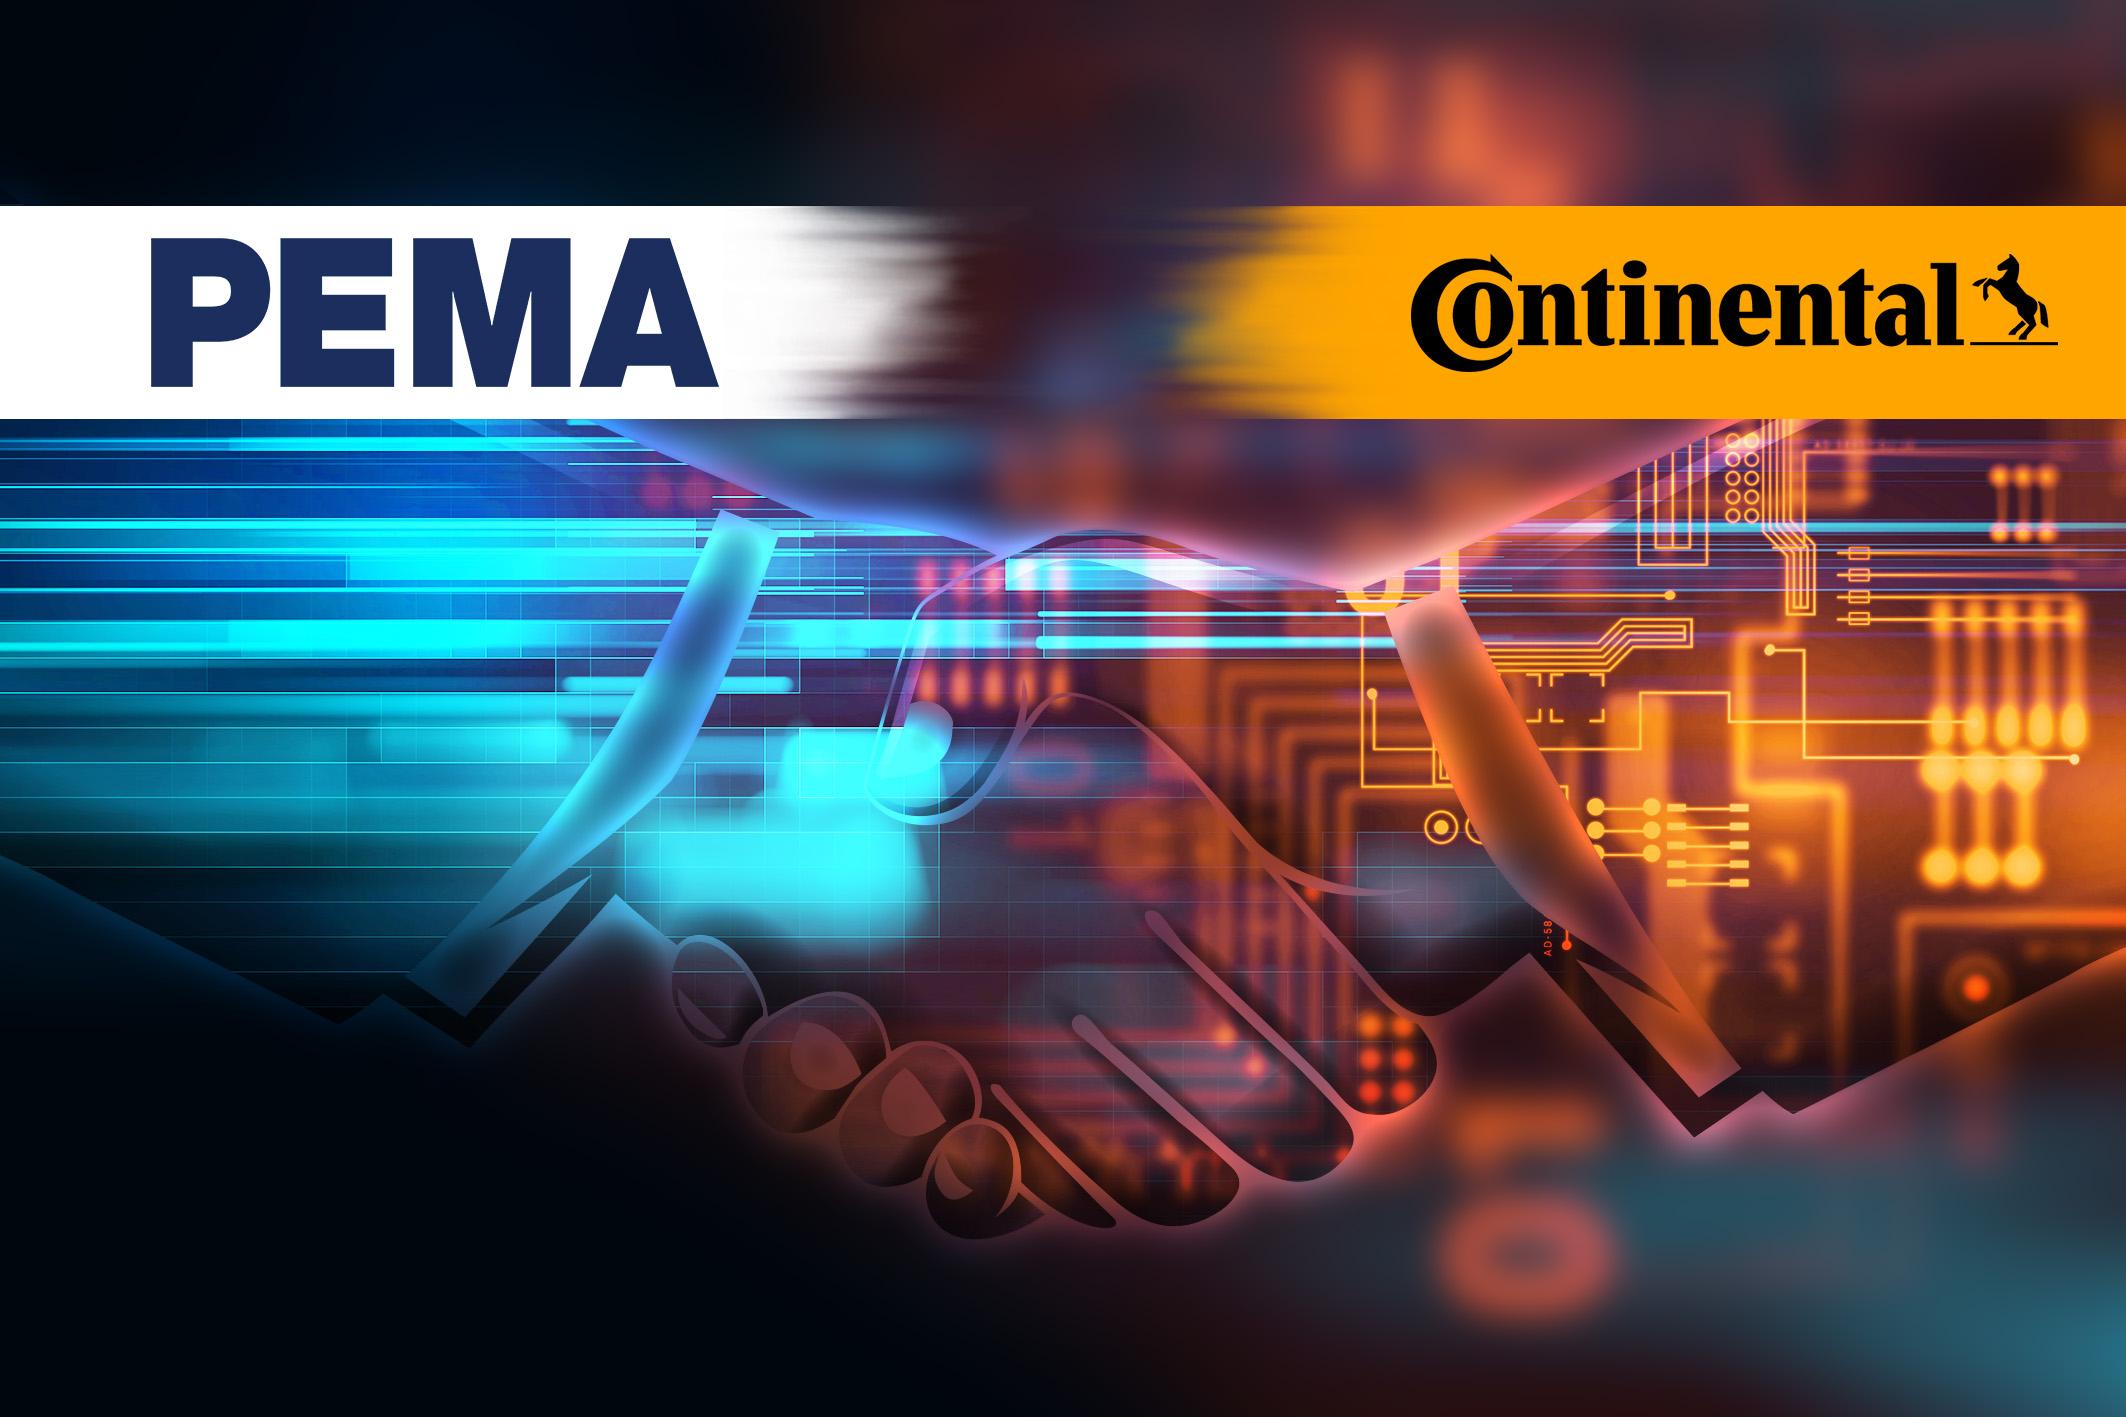 PEMA ve Continental 18.000'den Fazla Aracın Lastik Yönetimini Dijitalleştiriyor